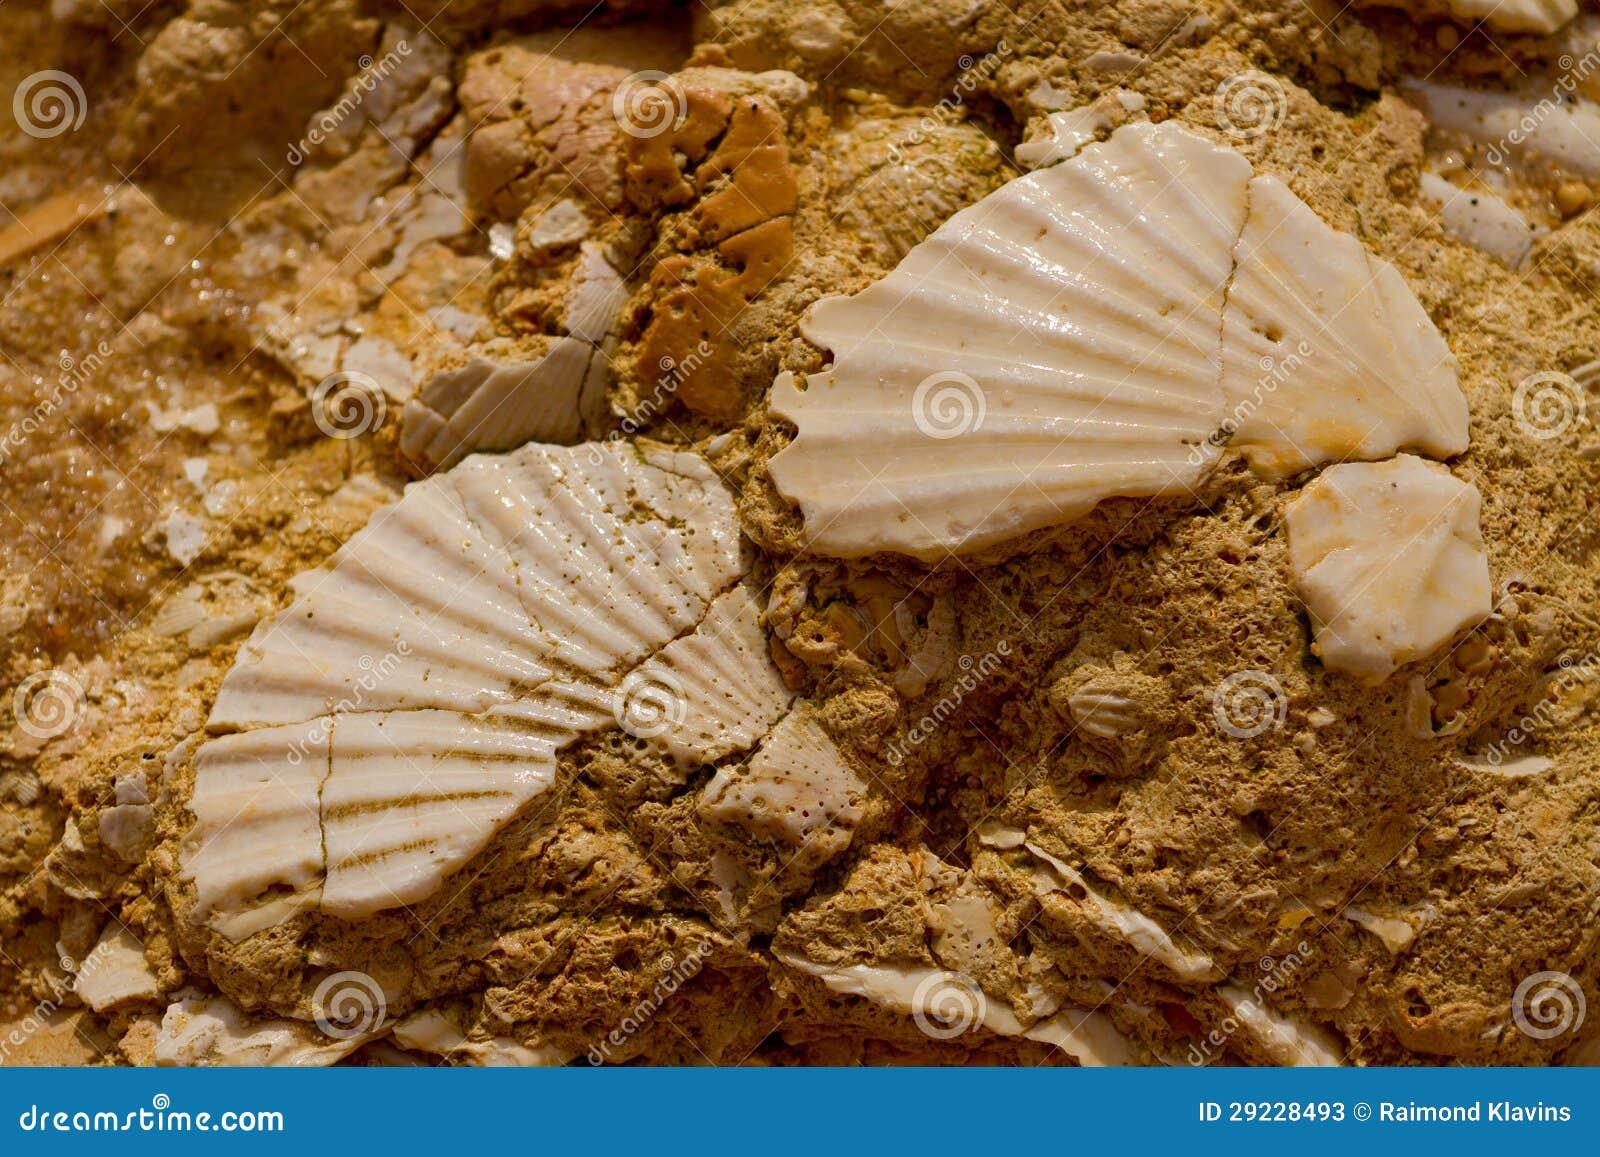 Download Seashell na pedra imagem de stock. Imagem de fundo, curso - 29228493